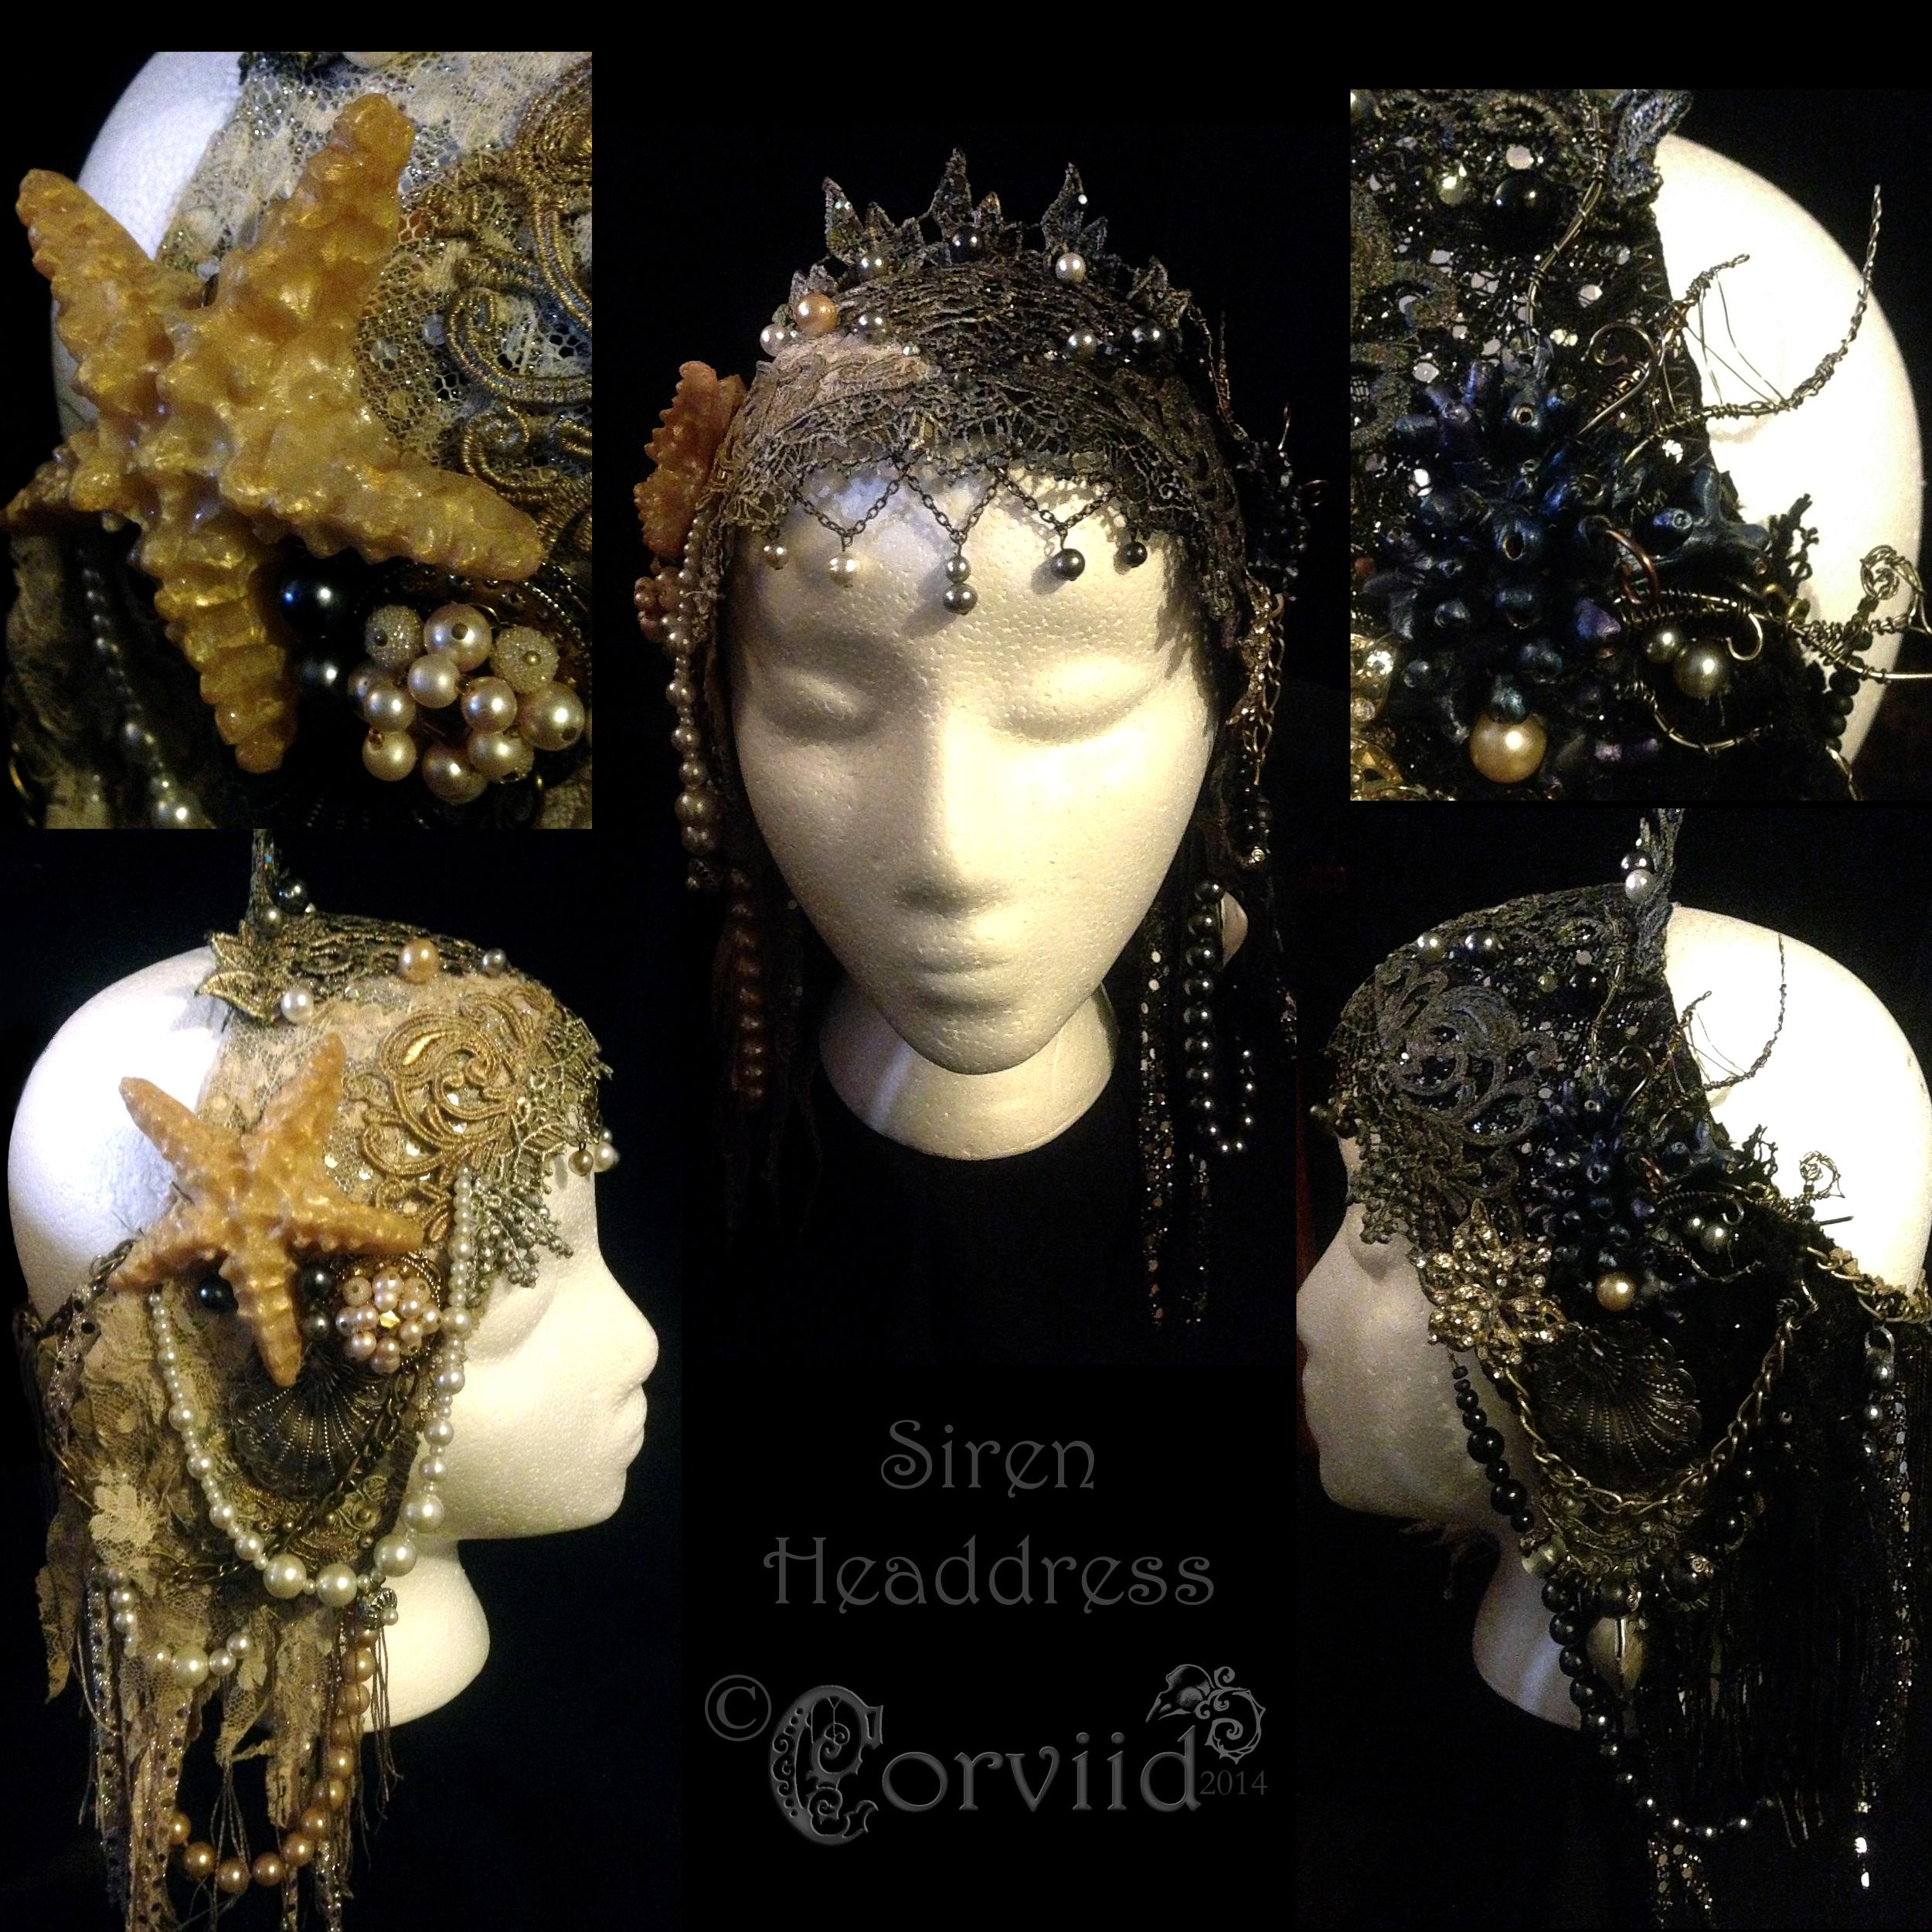 Siren Headdress